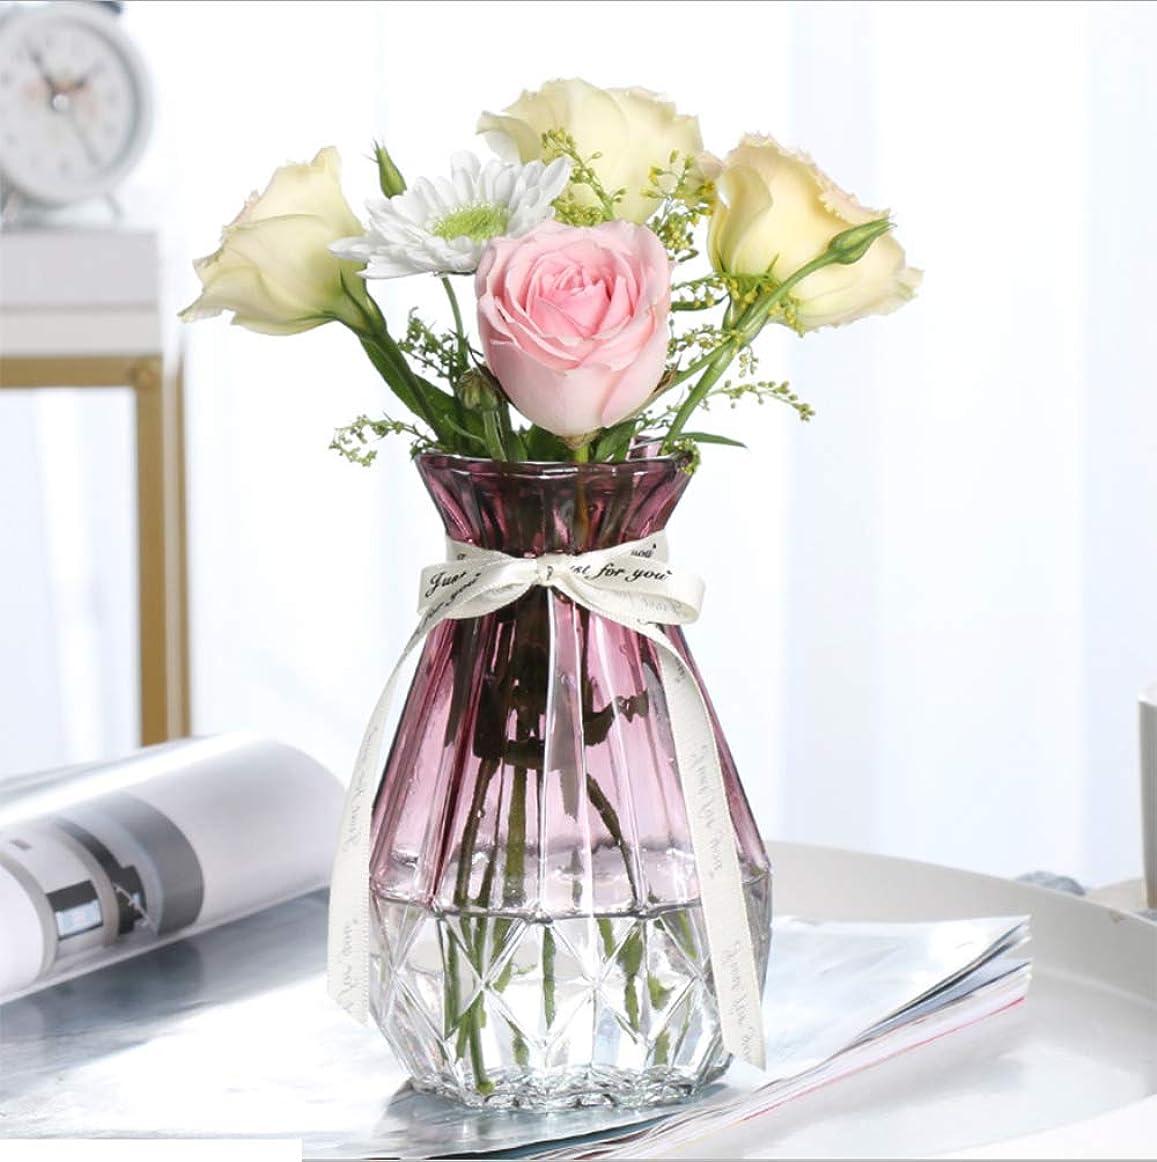 に賛成動物園追い付くHappydai 花瓶 ガラス瓶 インテリア 花器 花飾り (赤)